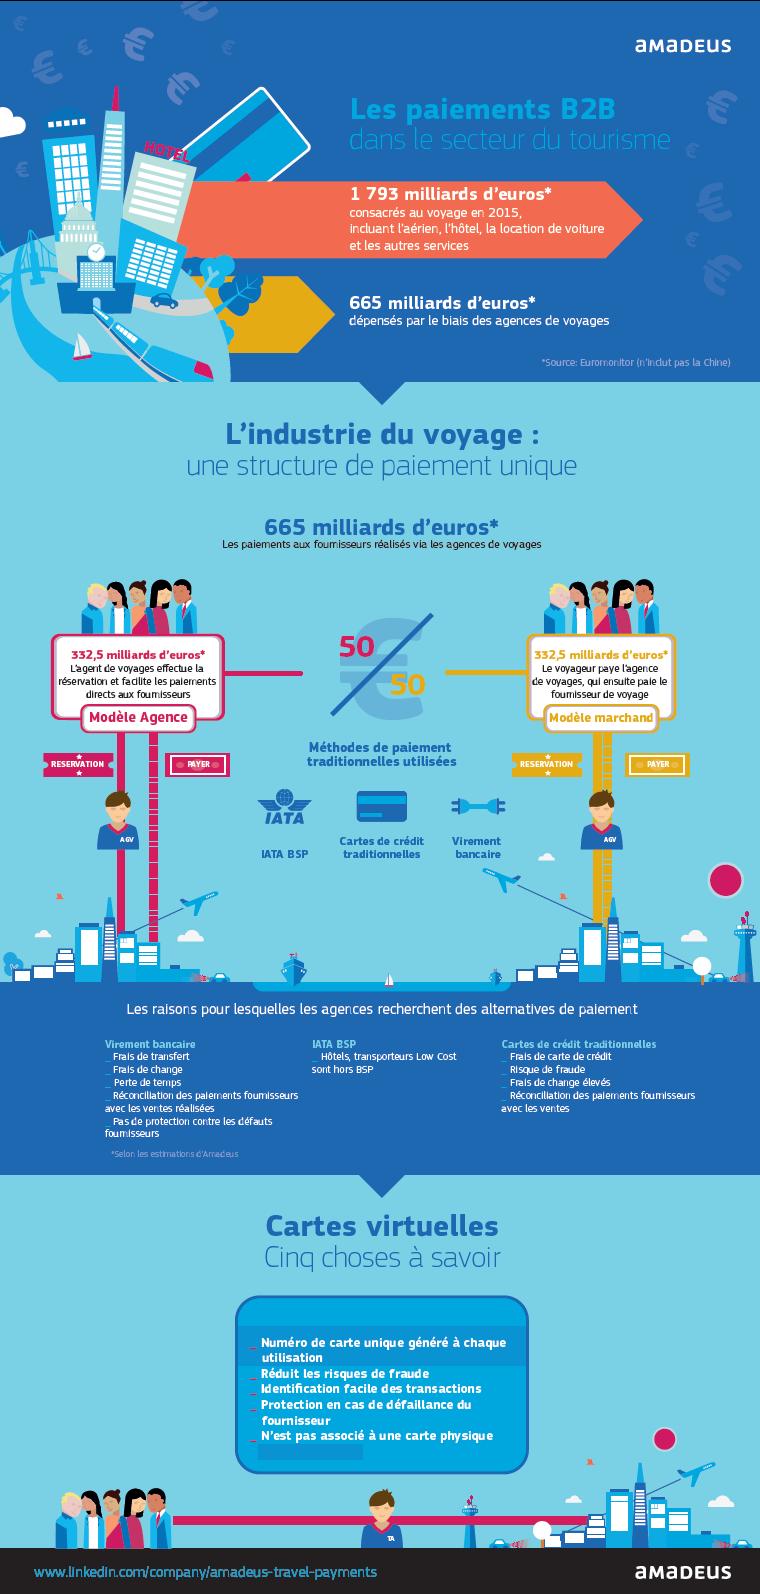 B2B Wallet Prepaid : Amadeus veut raccourcir le processus de paiement en agence